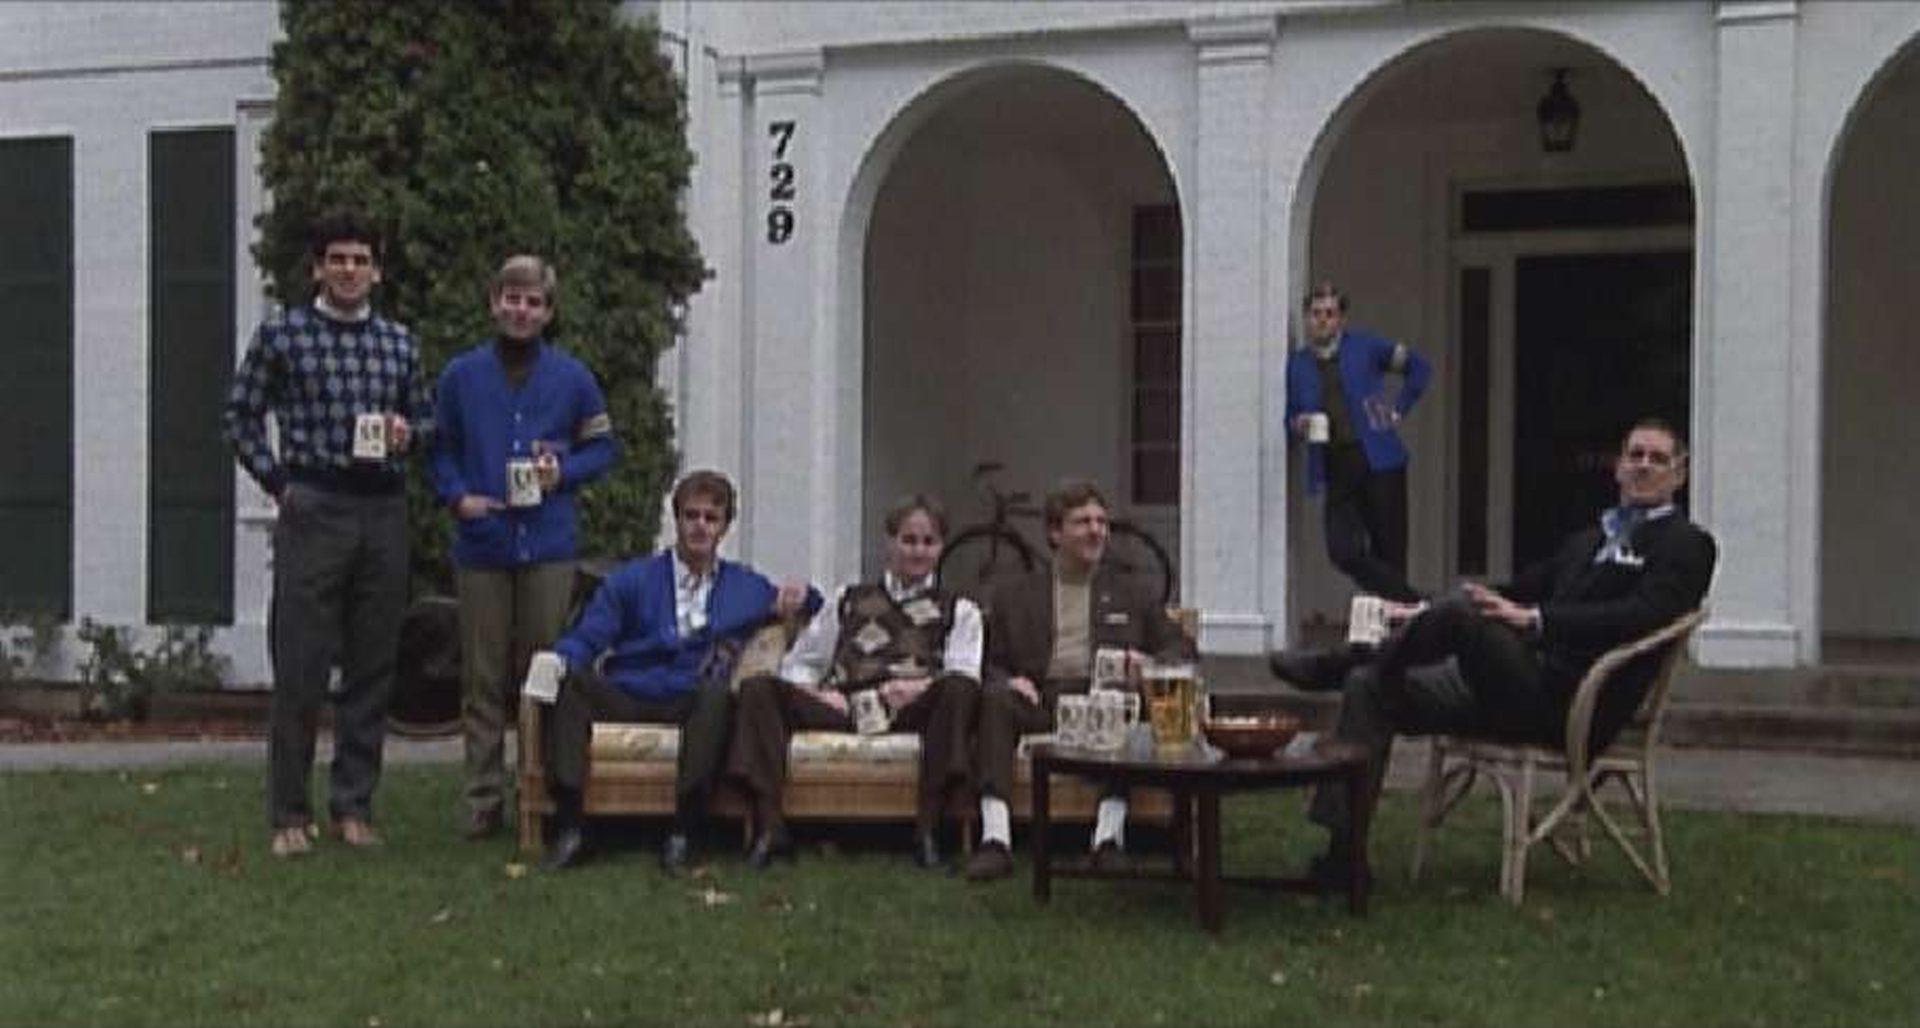 Sieben Mitglieder einer elitären Verbindung vor ihrem Haus.